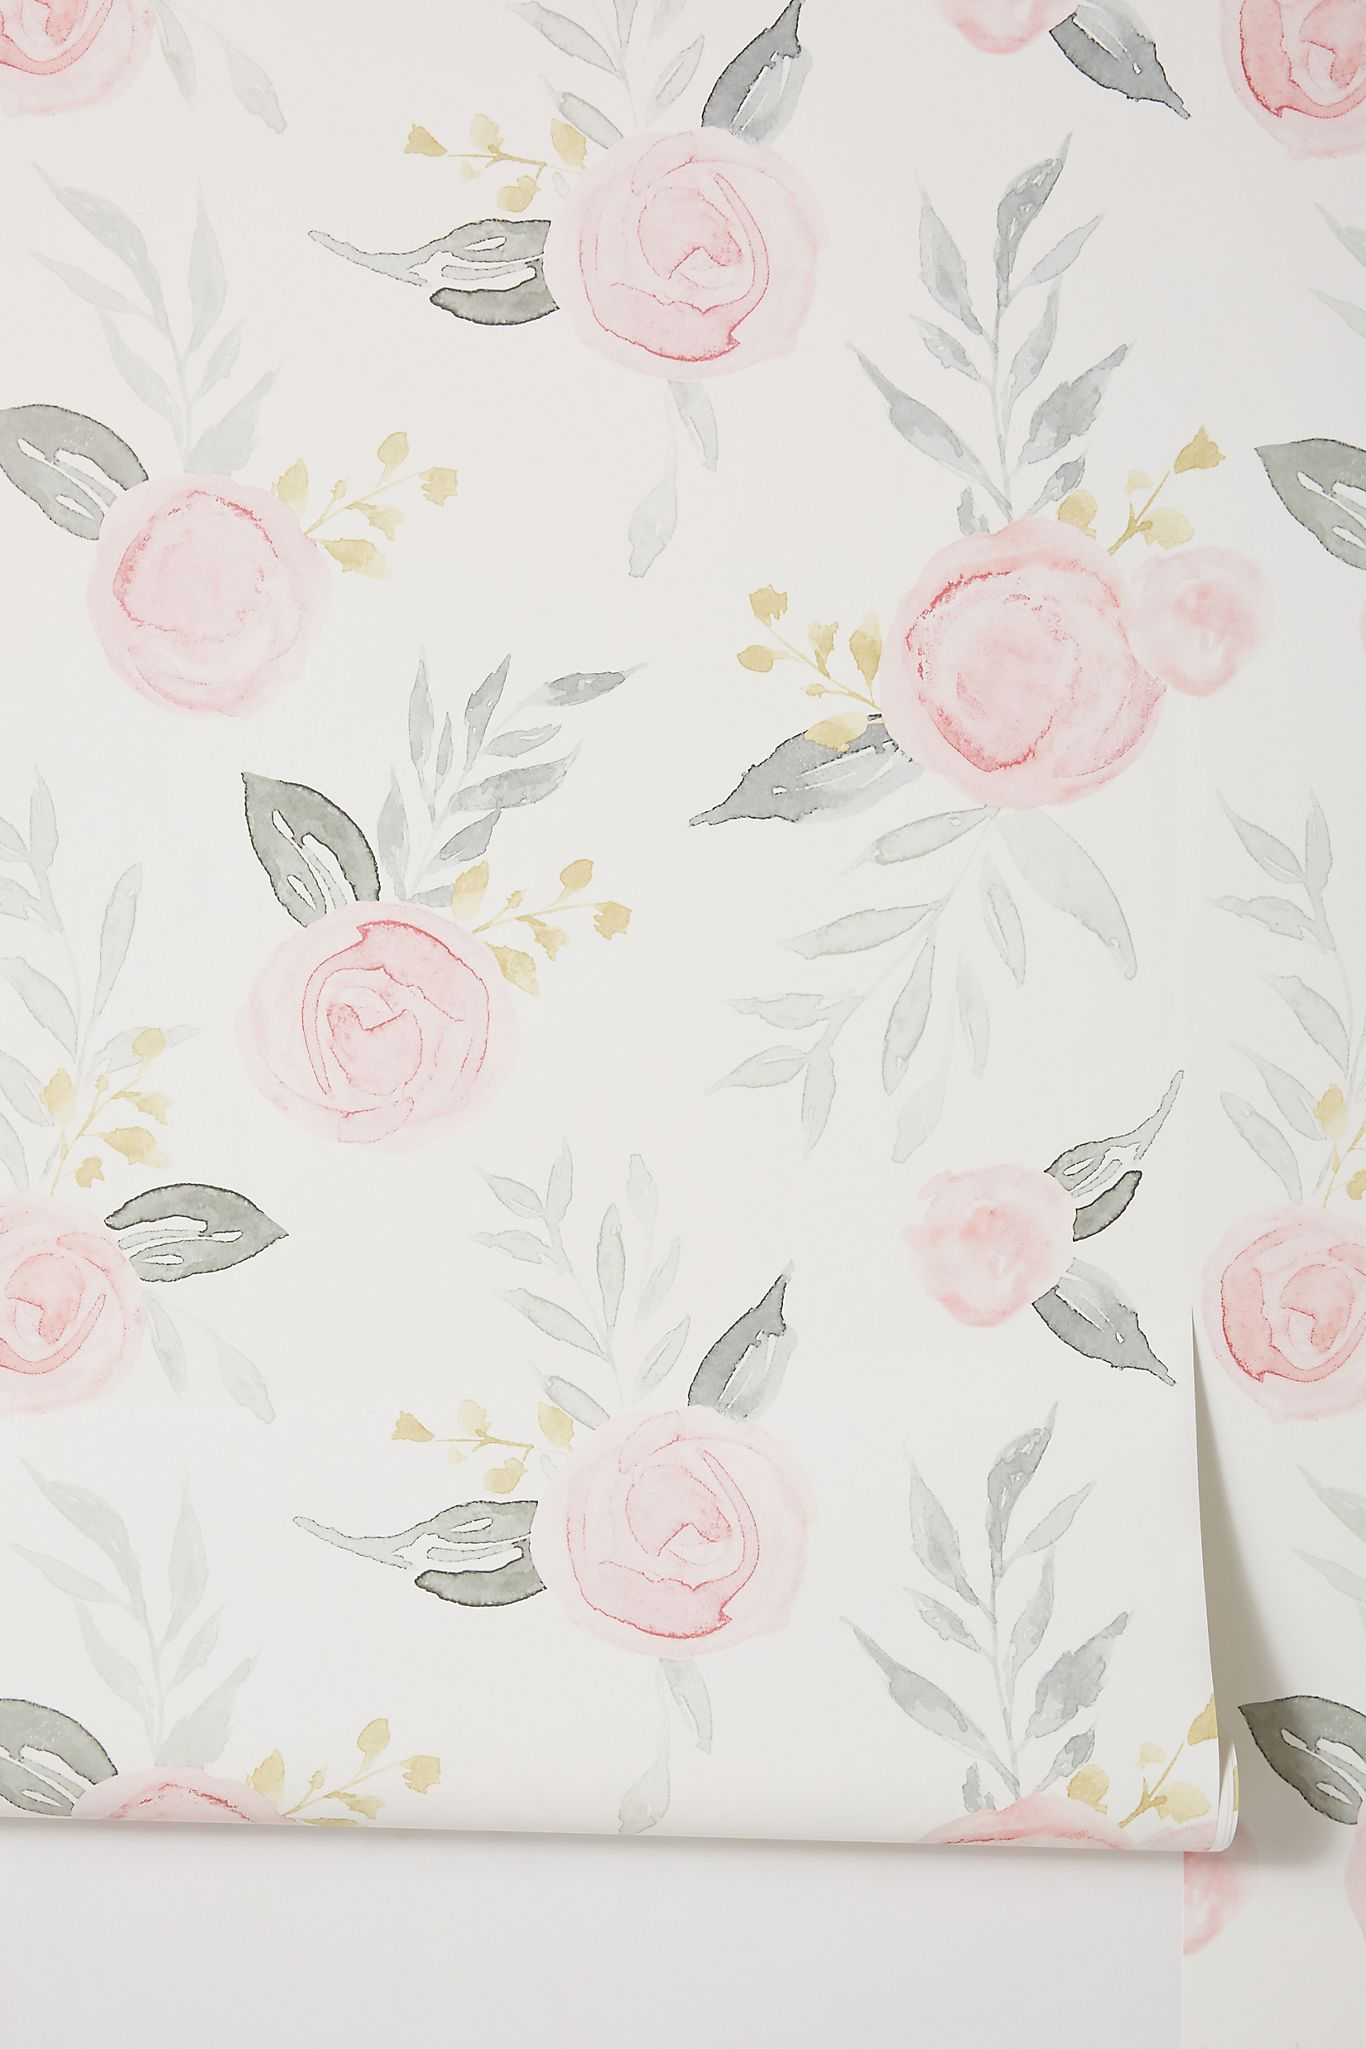 Magnolia Home Watercolor Roses Wallpaper Magnolia Wallpaper Girl Nursery Wallpaper Watercolor Floral Wallpaper